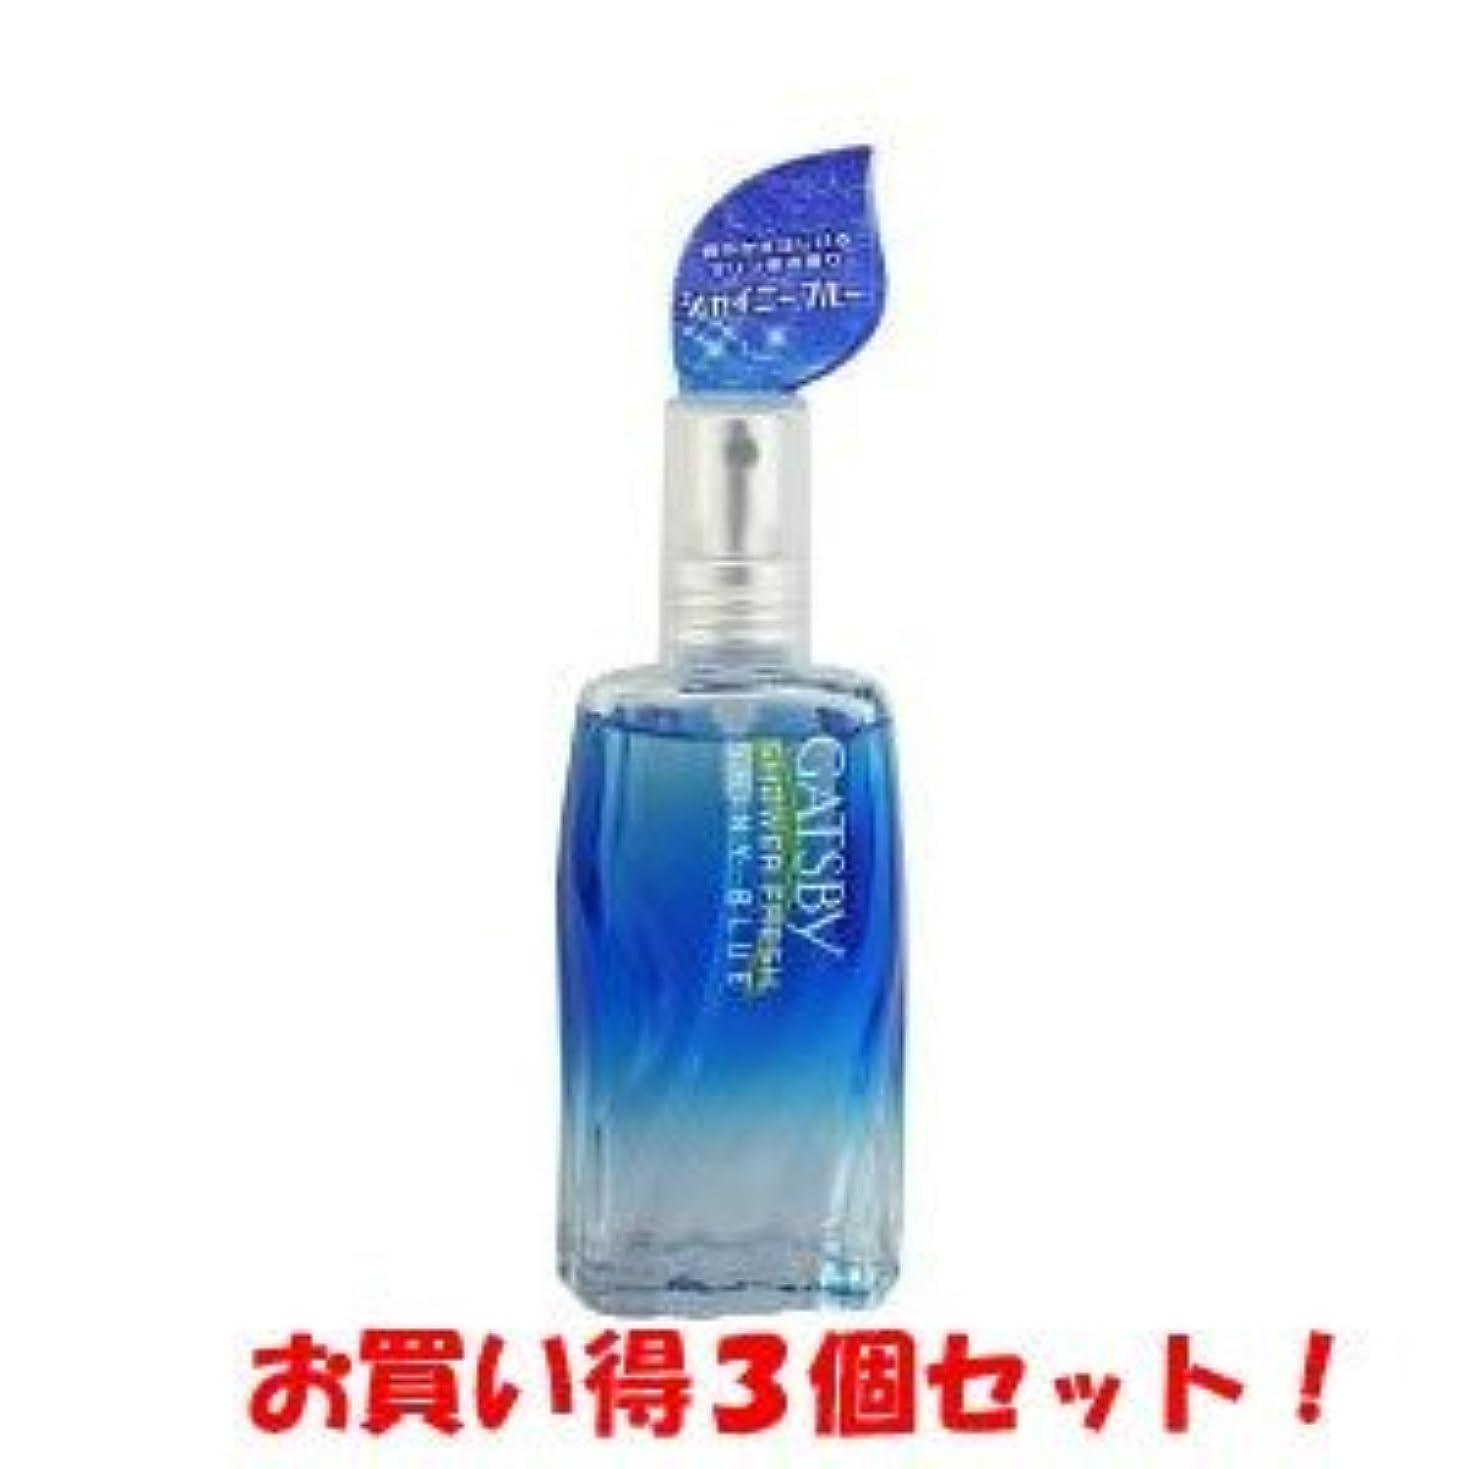 ガラスアサート試すギャツビー【GATSBY】シャワーフレッシュ シャイニーブルー 60ml(お買い得3個セット)